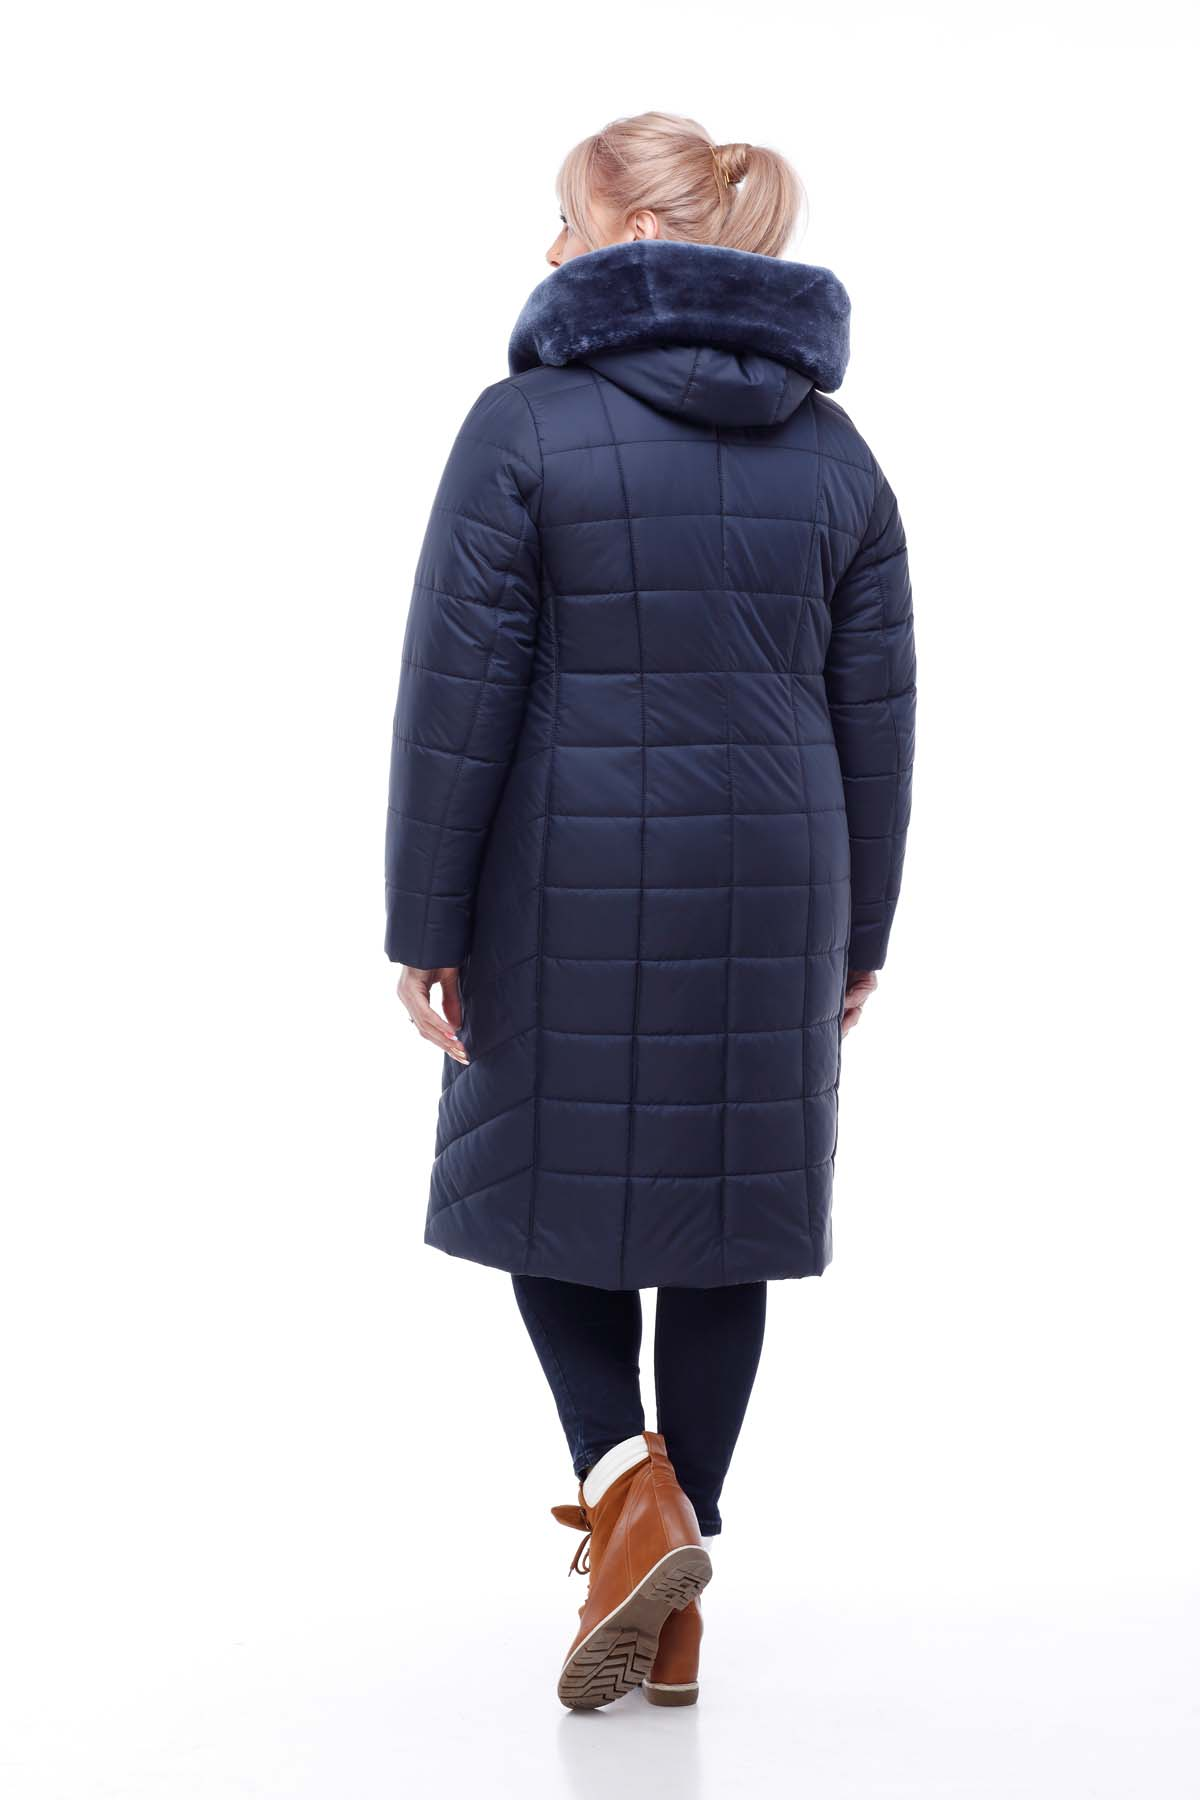 Зимове пальто стьогане Кім Зима, кролик темно-синій